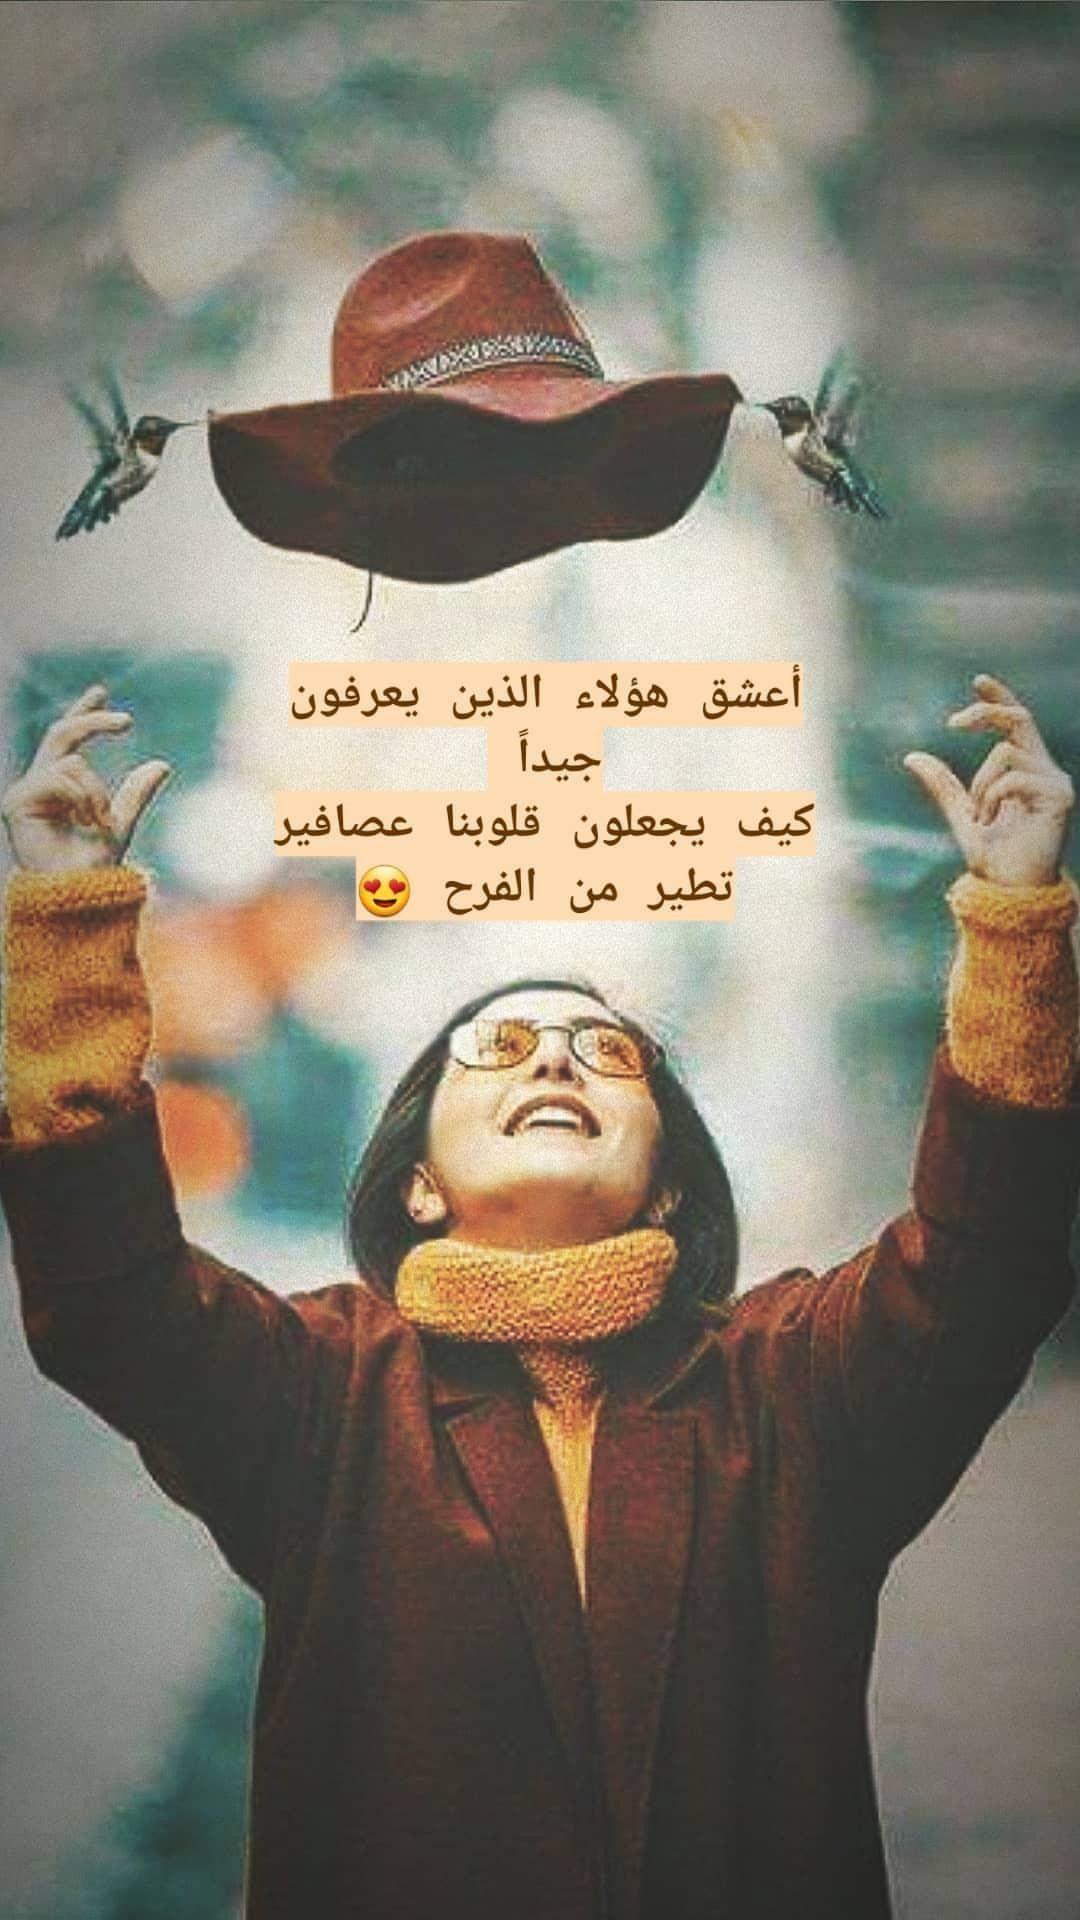 أعشق هؤلاء الذين يعرفون جيدا كيف يجعلون قلوبنا عصافير تطير من الفرح Photo Ideas Girl Arabic Love Quotes Snapchat Picture